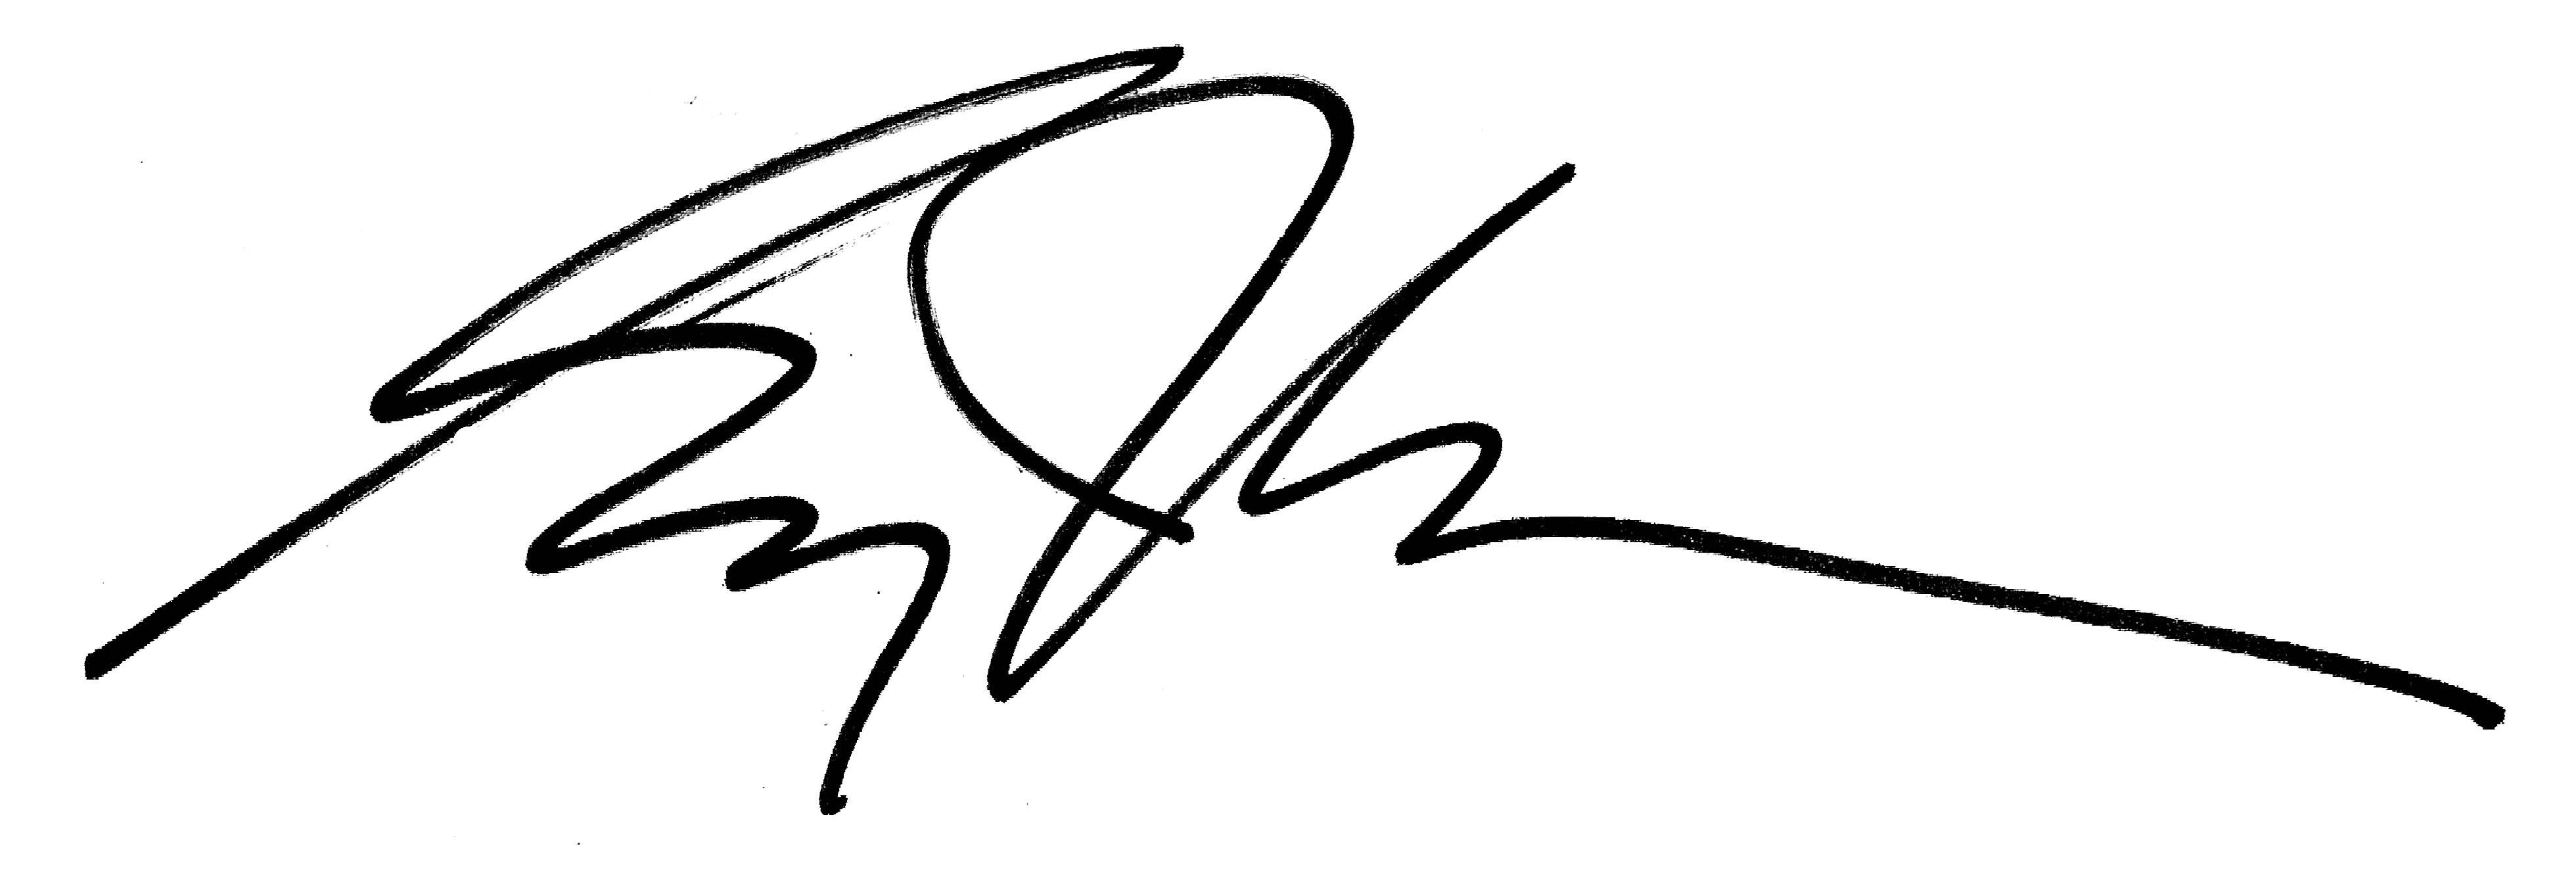 greg lewis studios's Signature